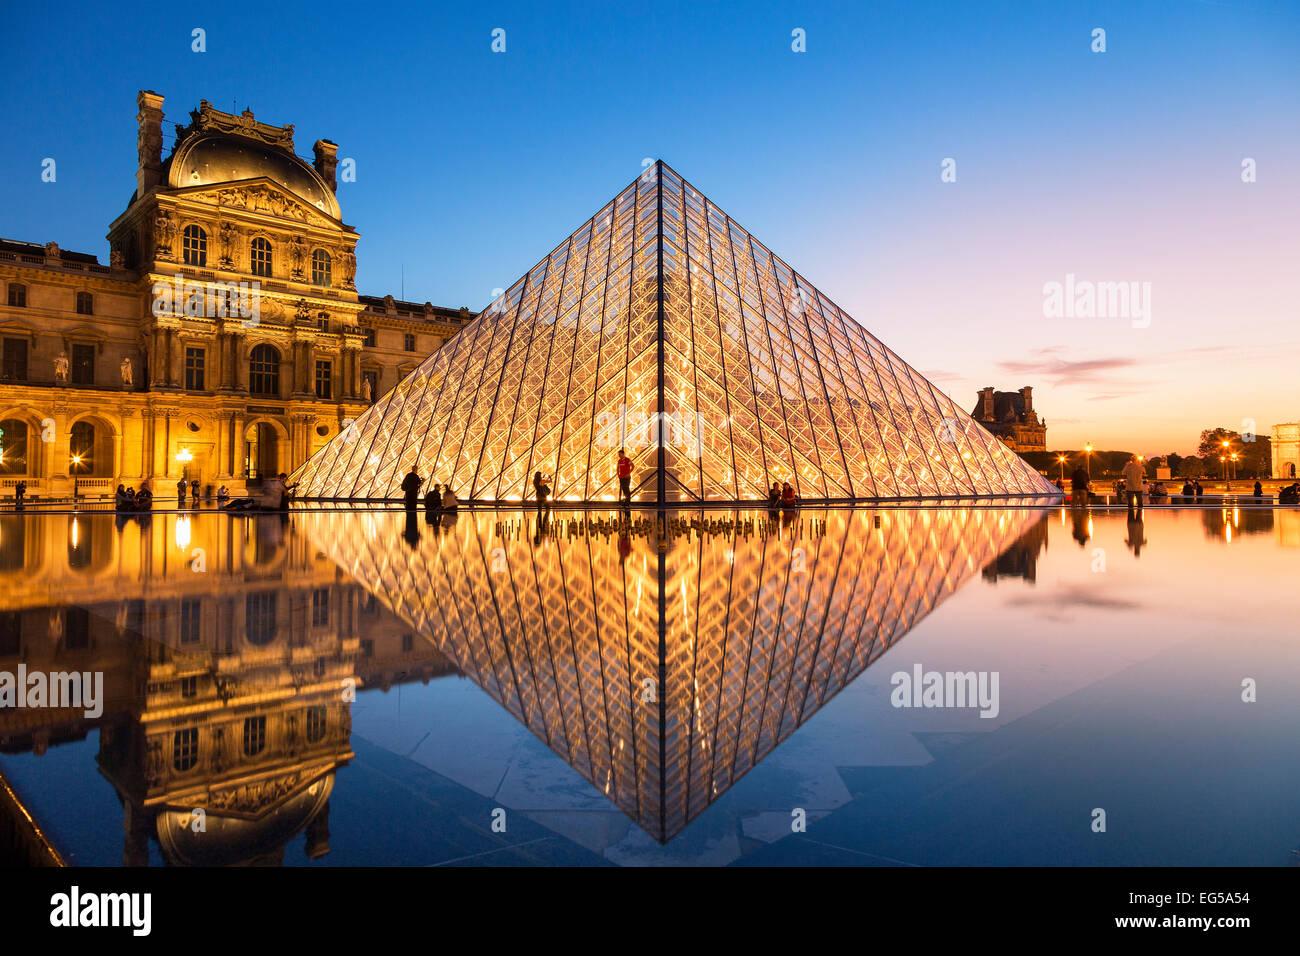 La pirámide del Louvre en París, al atardecer Imagen De Stock